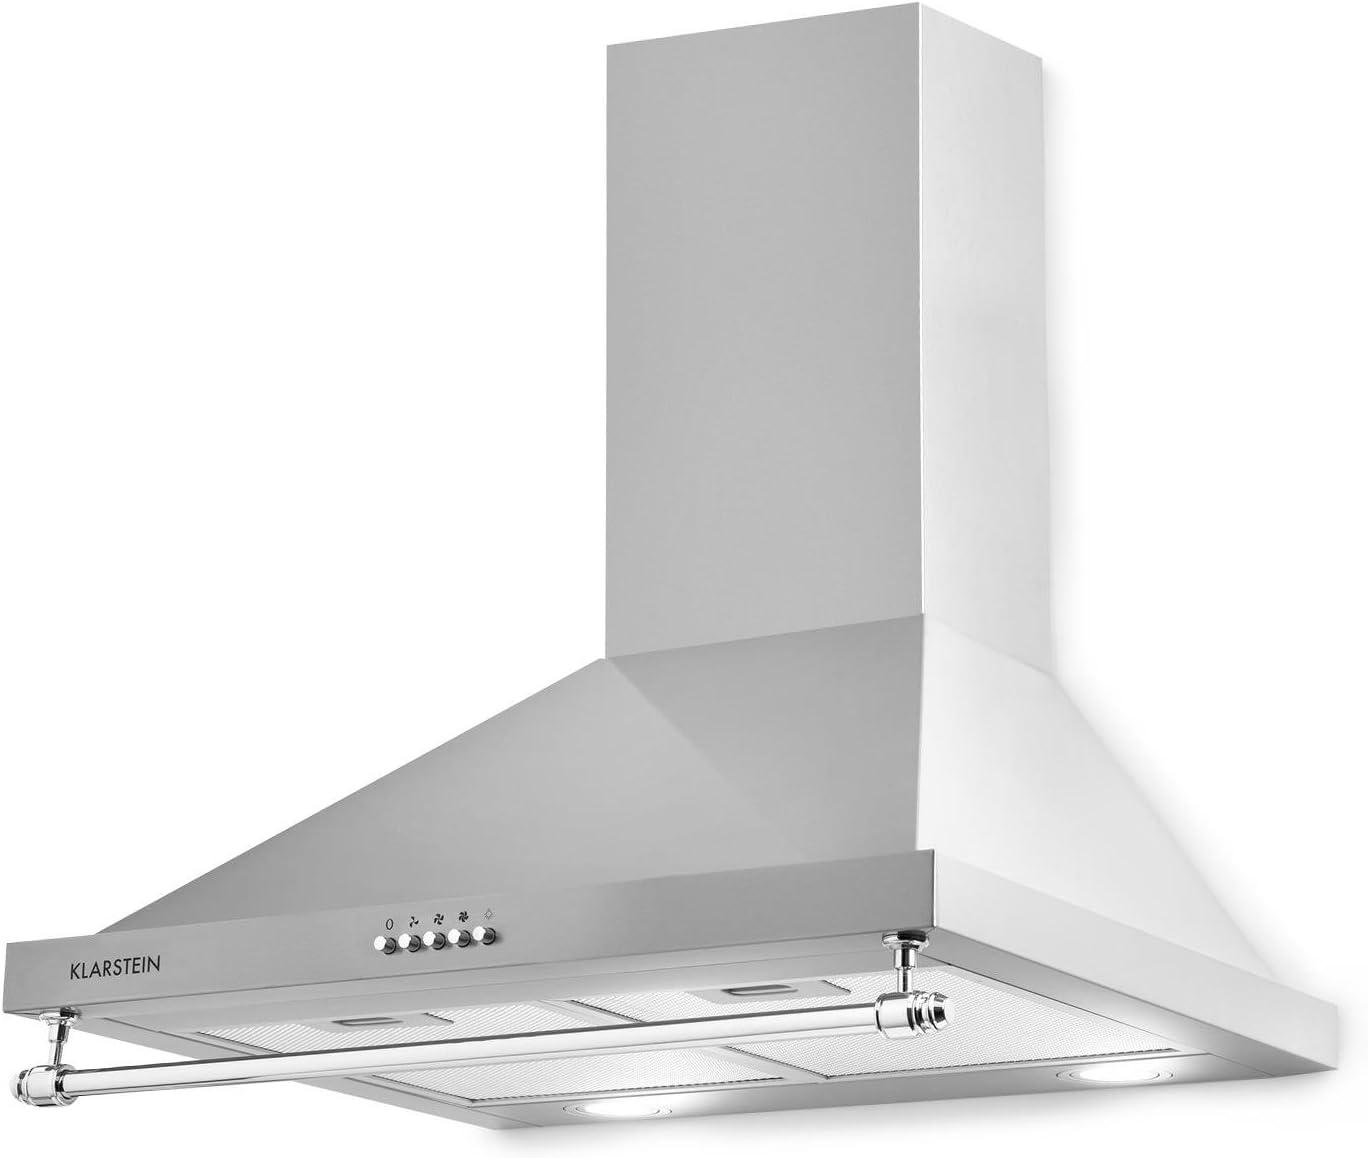 Klarstein Montblanc 60 - Campana extractora de humos, Extractor de pared, Absorción y ventilación, 3 niveles, 610 m³/h, Filtro de grasa de aluminio, 60 cm, 2 filtros de carbono, Plateado: Amazon.es: Grandes electrodomésticos